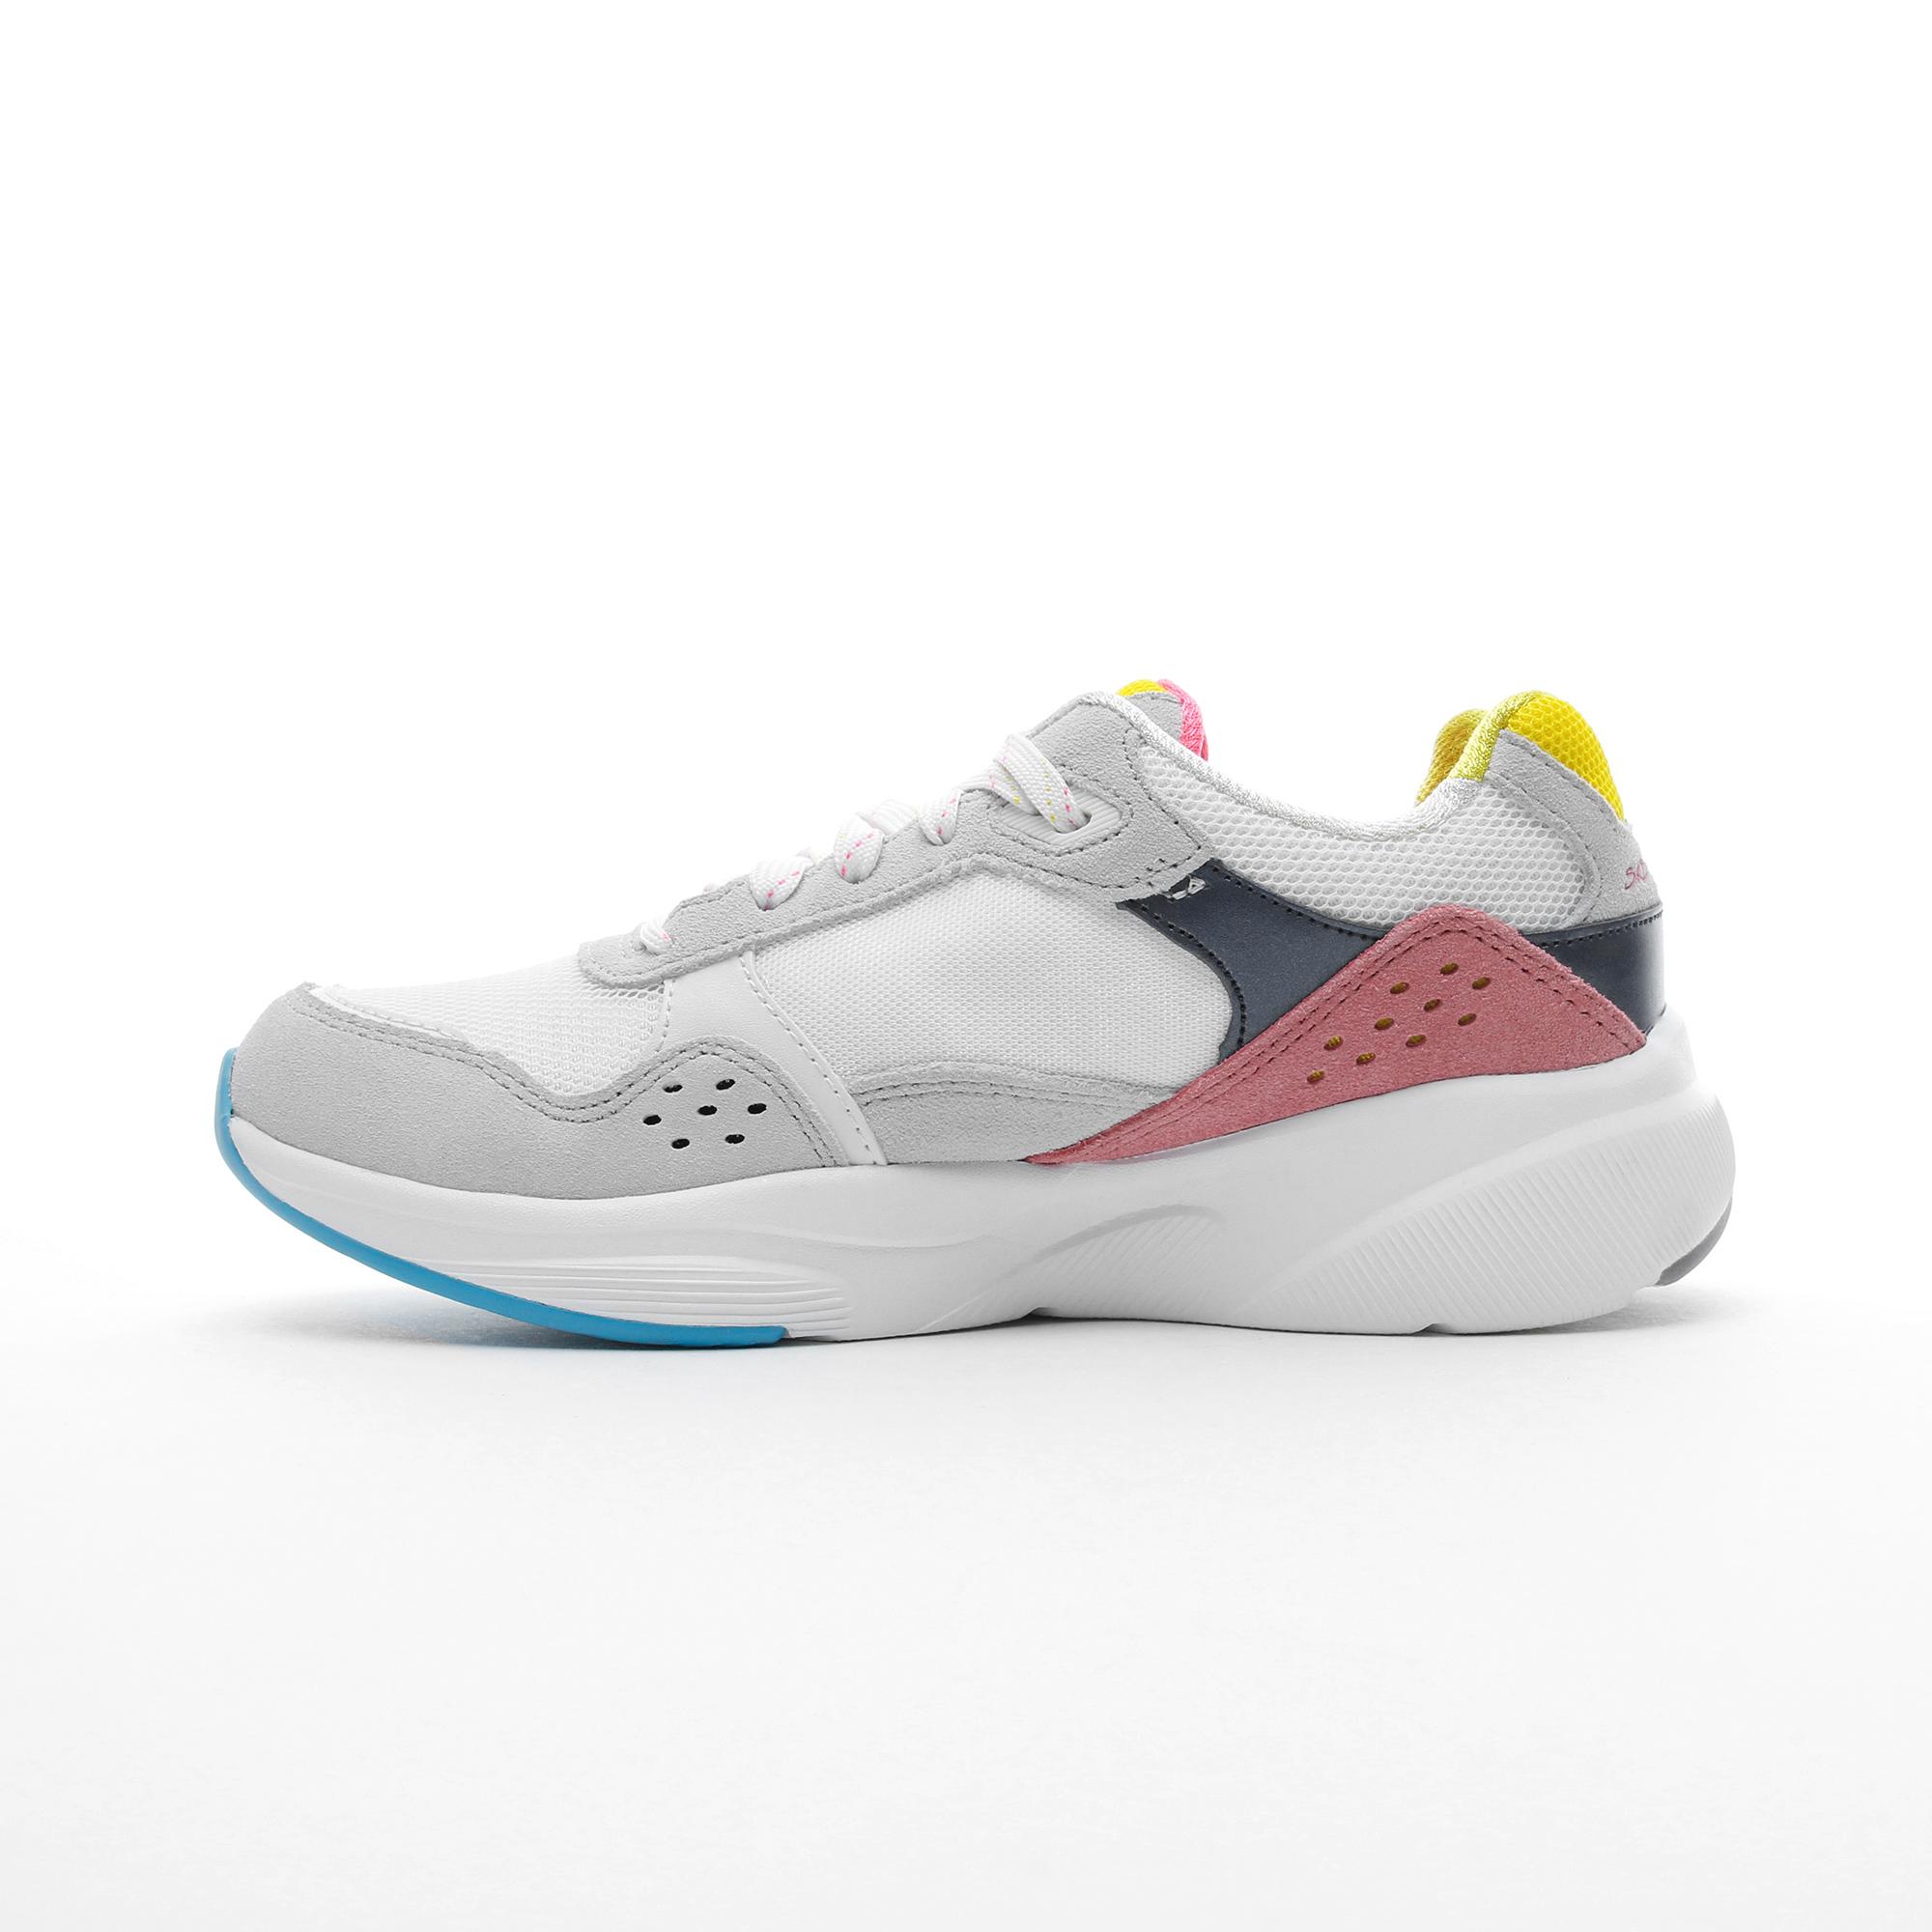 Conciso Amante Controlar  Skechers Meridian-No Worries Kadın Beyaz Spor Ayakkabı Kadin Spor Ayakkabı  & Sneaker 3426274 | SuperStep